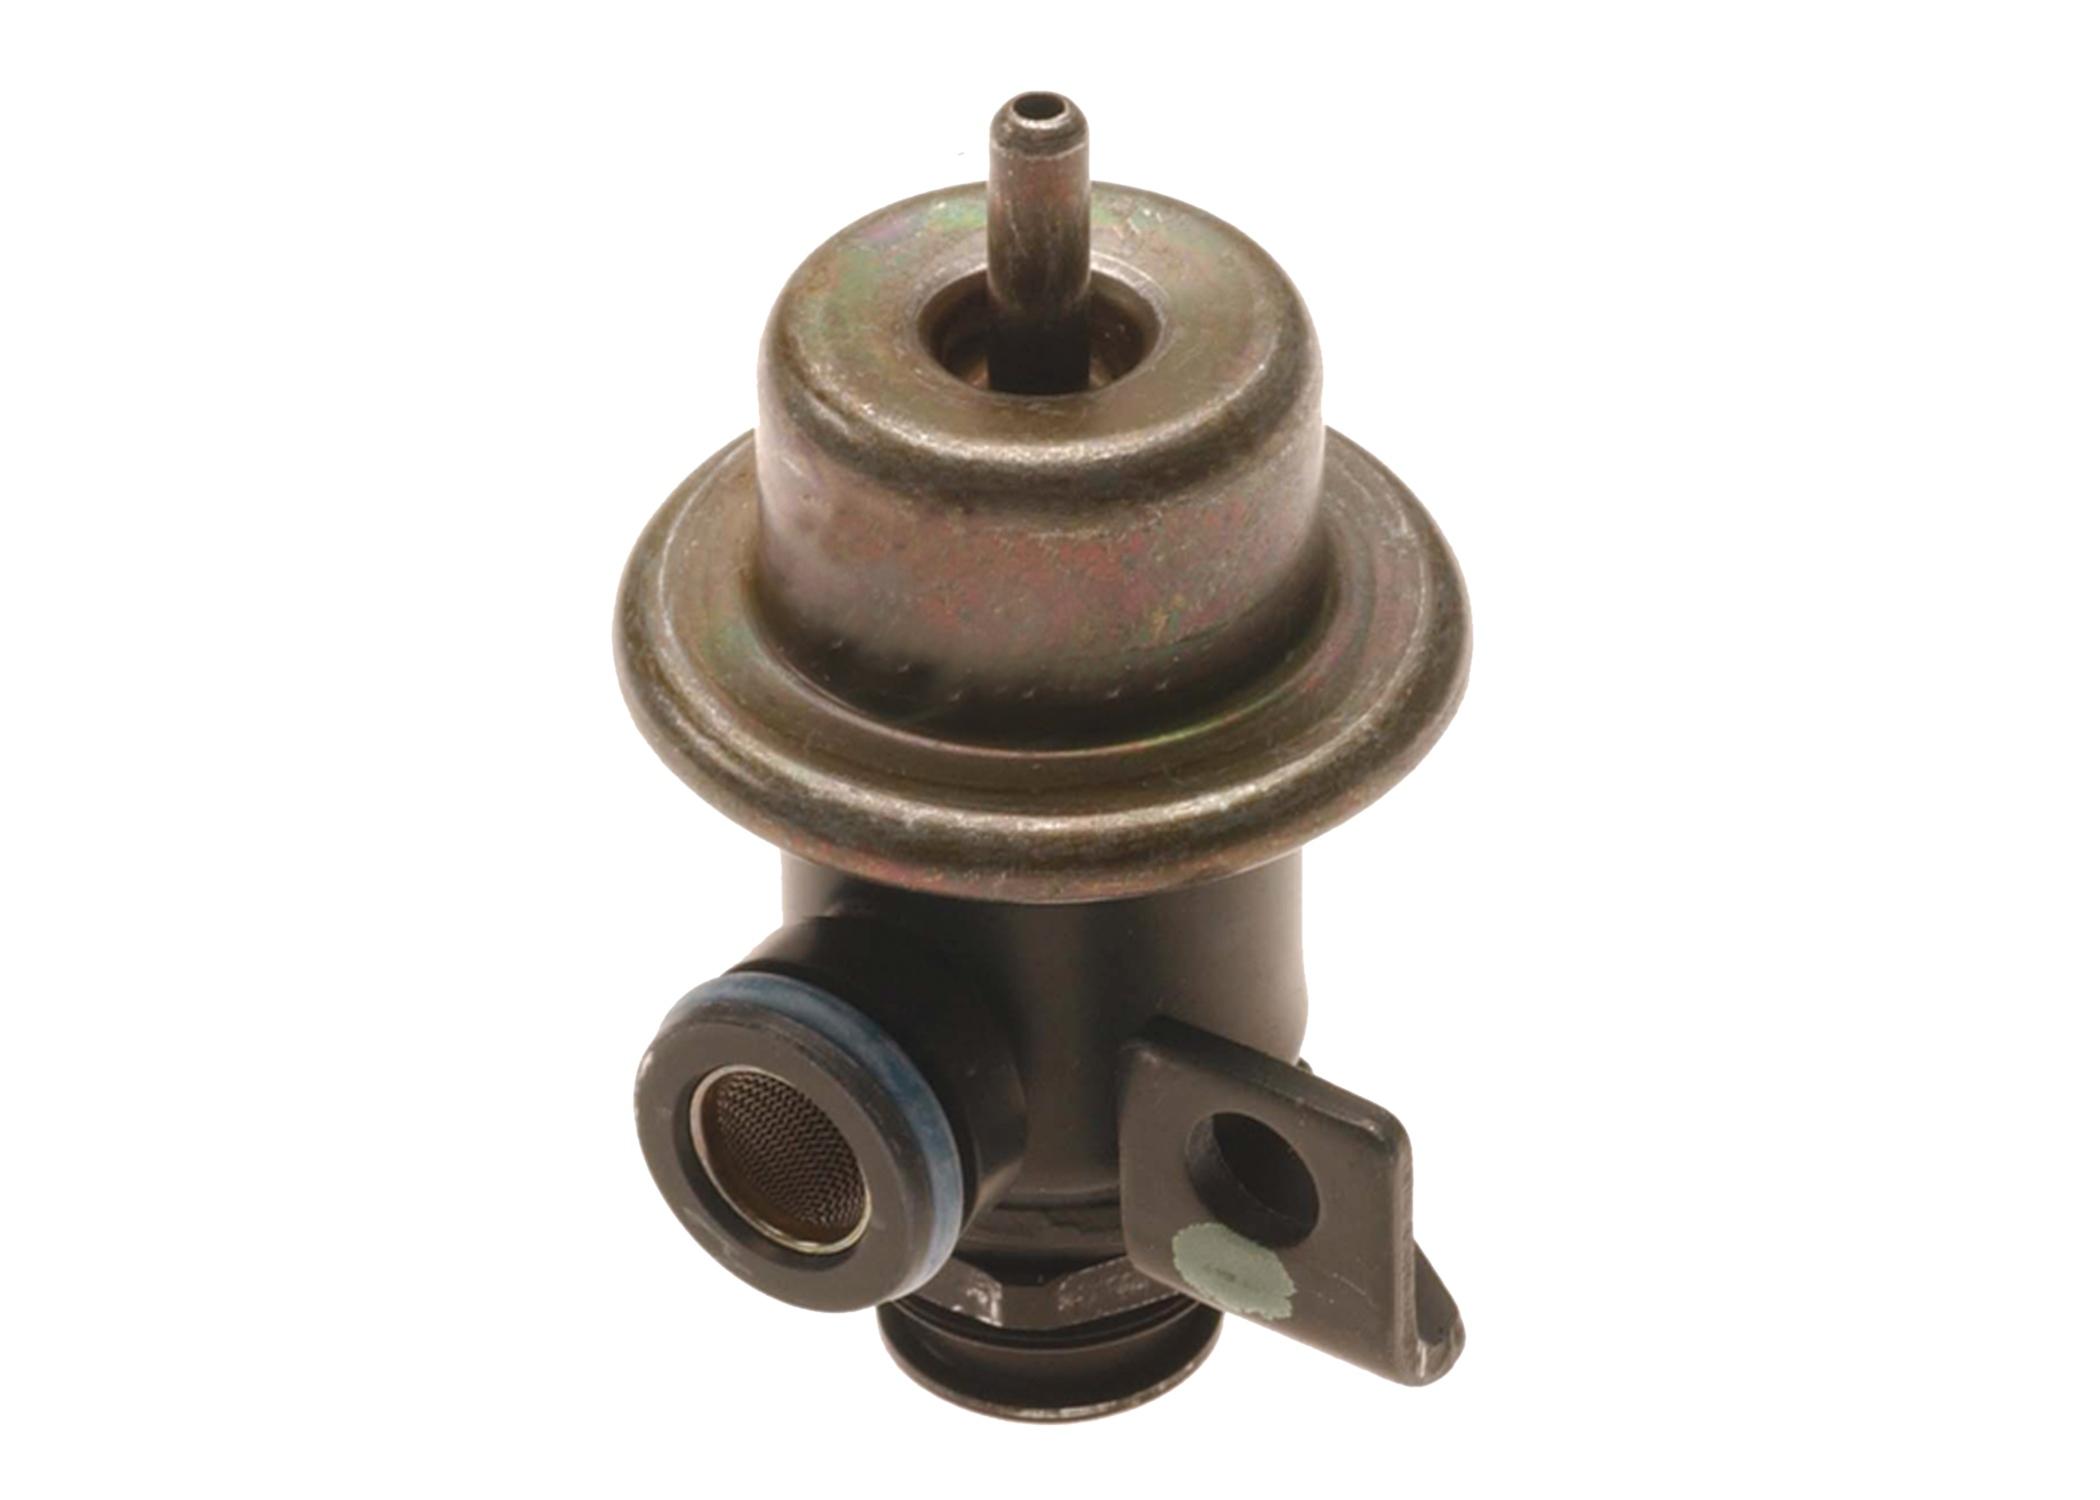 ACDELCO GM ORIGINAL EQUIPMENT - Fuel Pressure Regulator - DCB 217-1445